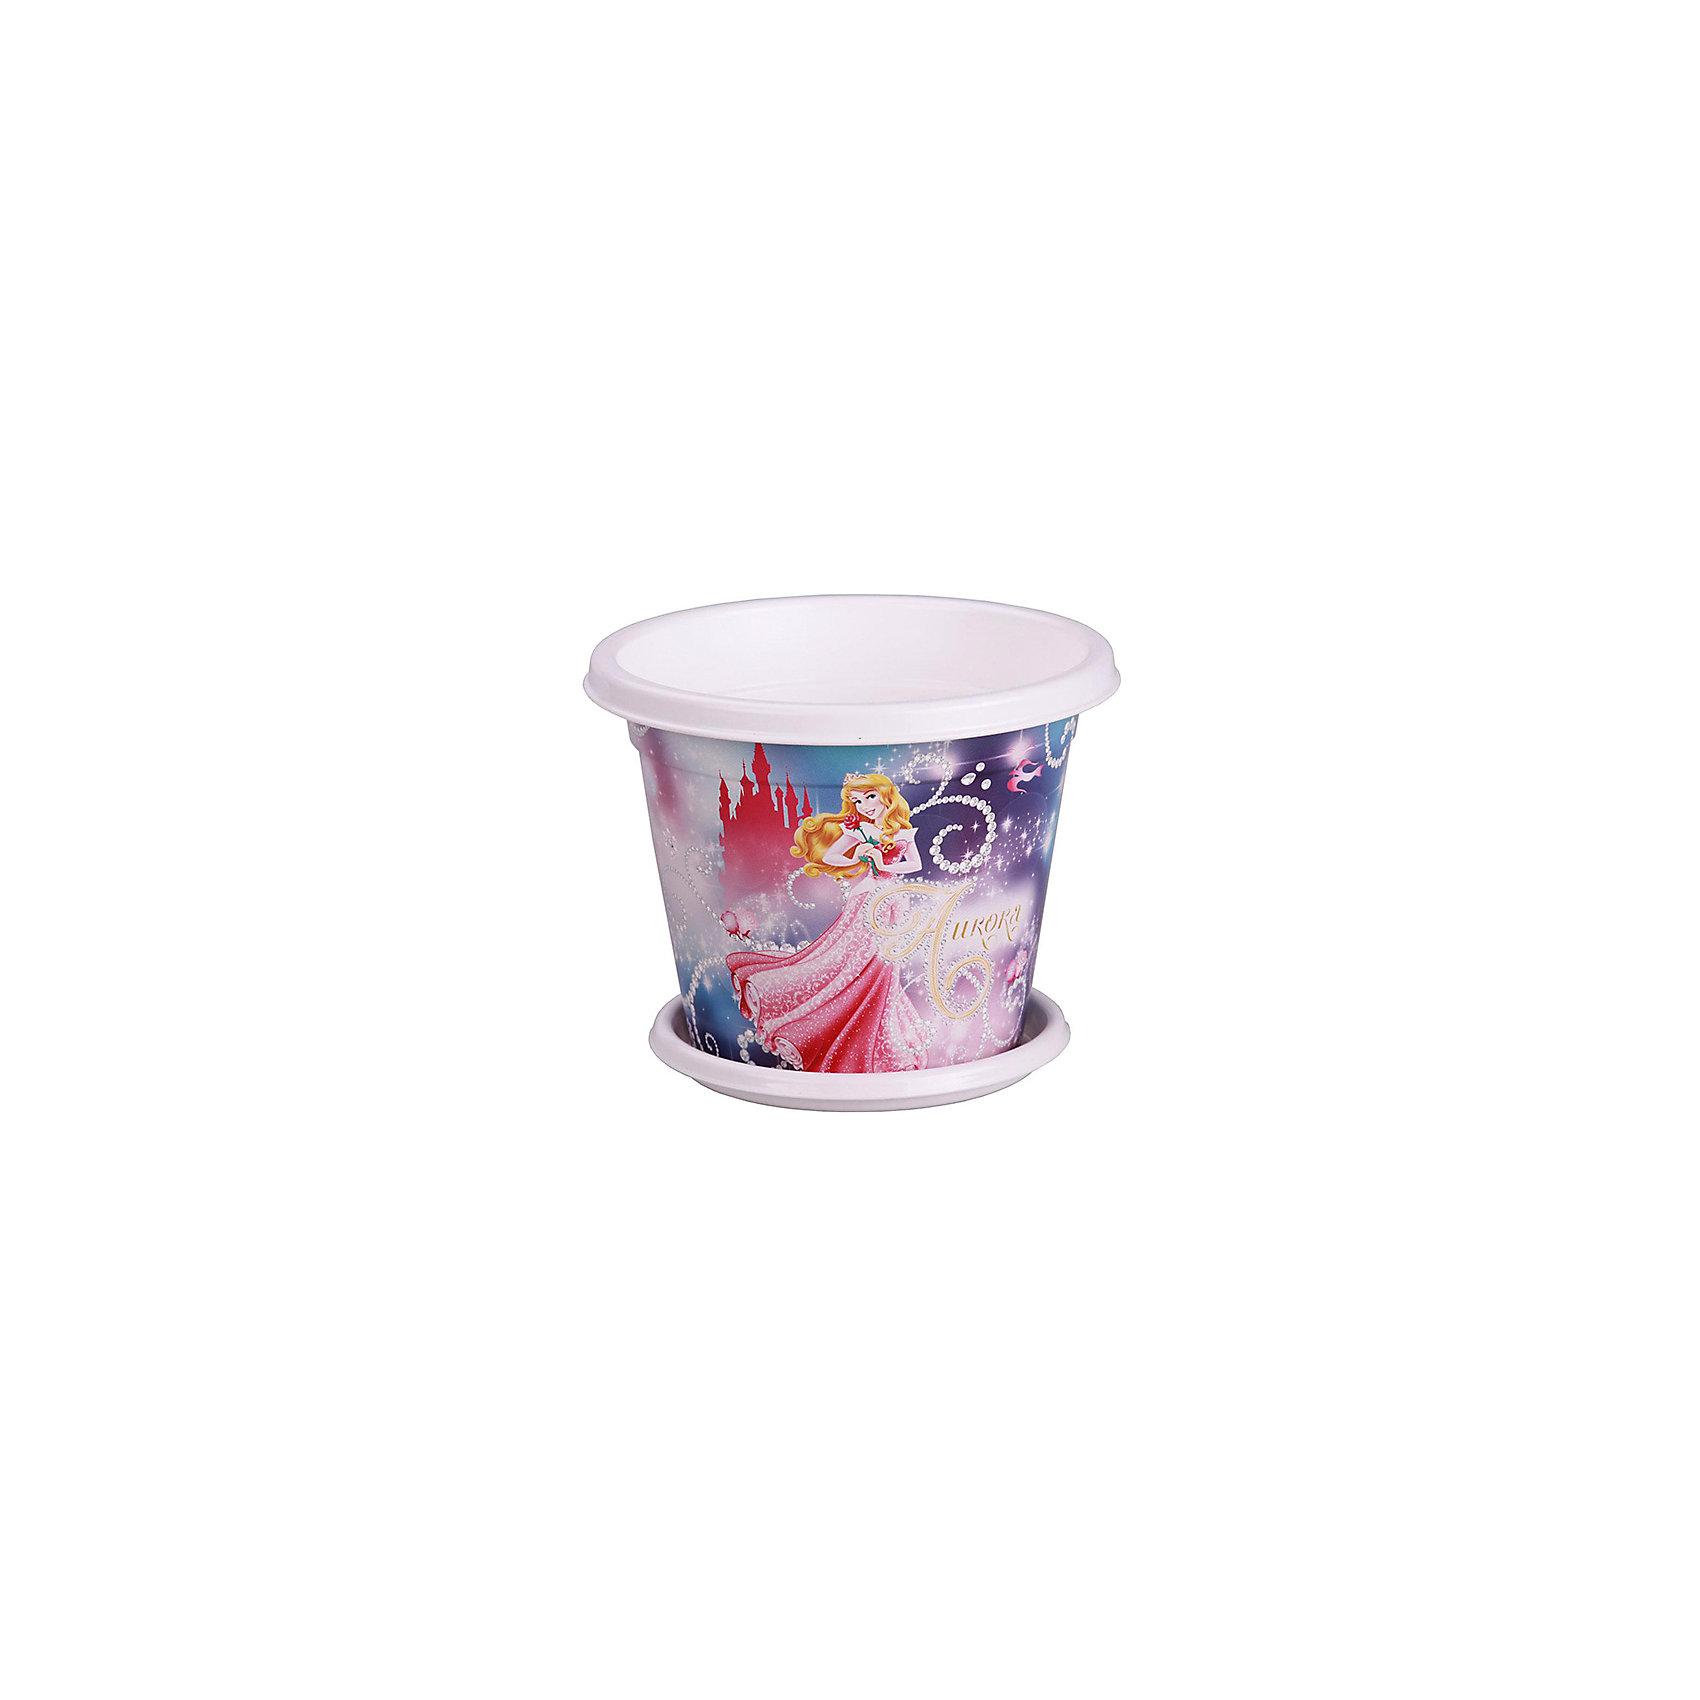 Alternativa Горшок-кашпо Принцессы-Дисней №1  1л с под,  Alternativa alternativa горшок стульчик alternativa св фиолетовый